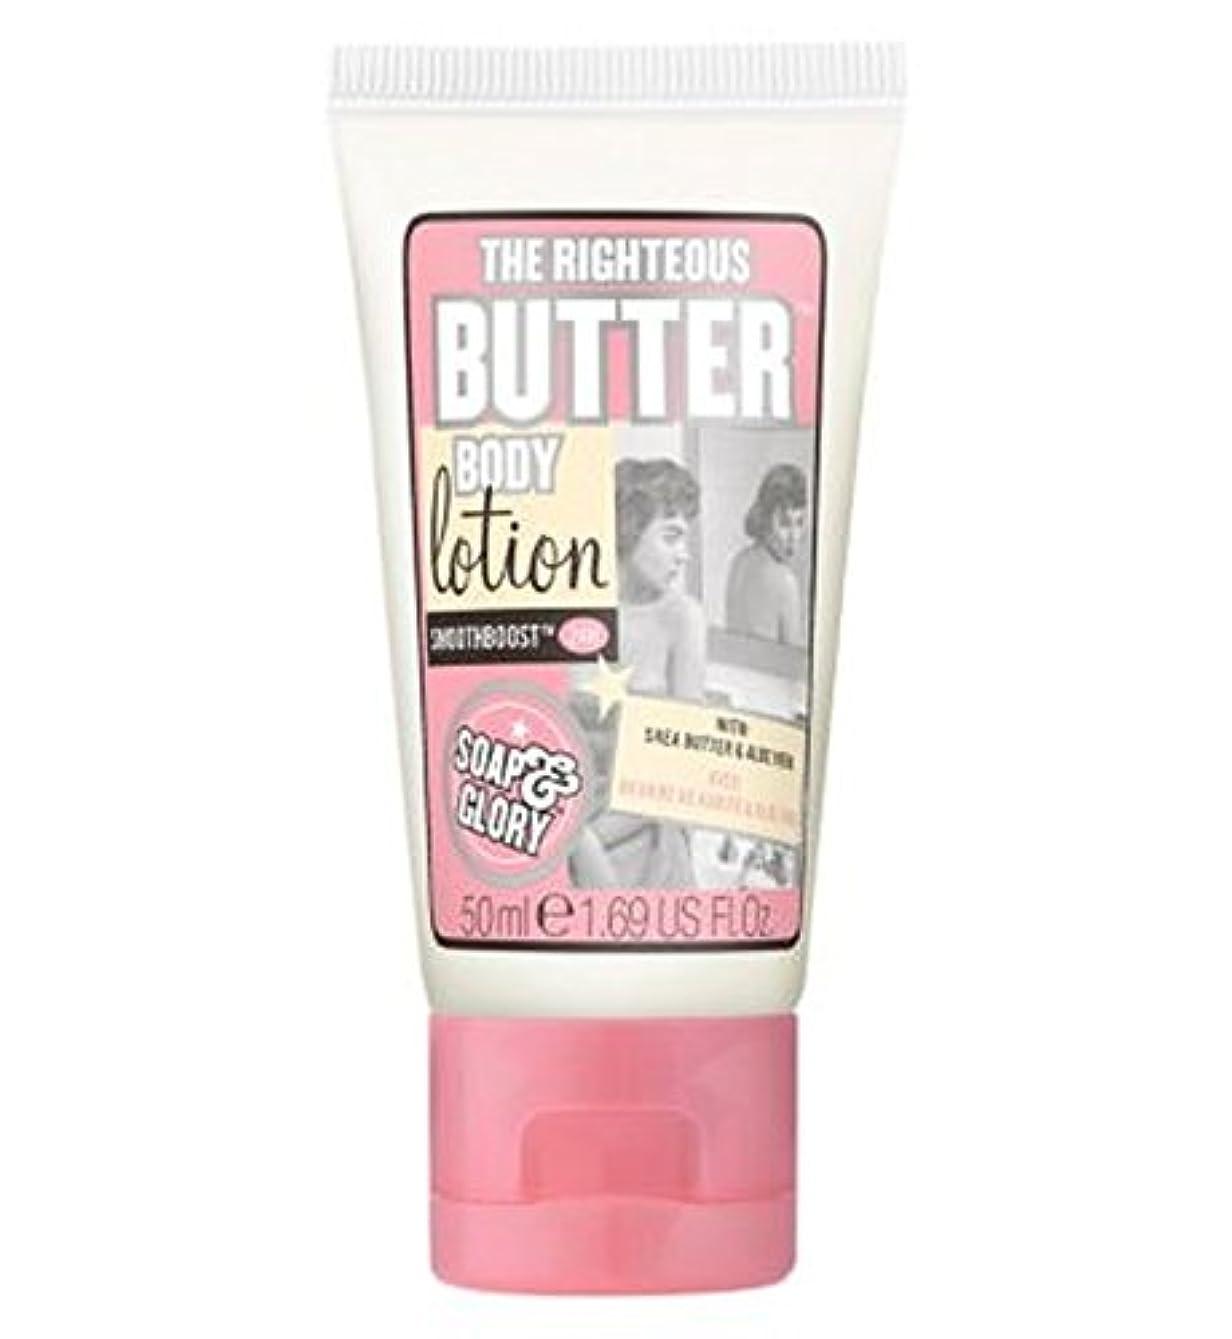 評決突進ディーラーSoap & Glory The Righteous Butter Lotion 50ml - 石鹸&栄光正義のバターローション50ミリリットル (Soap & Glory) [並行輸入品]